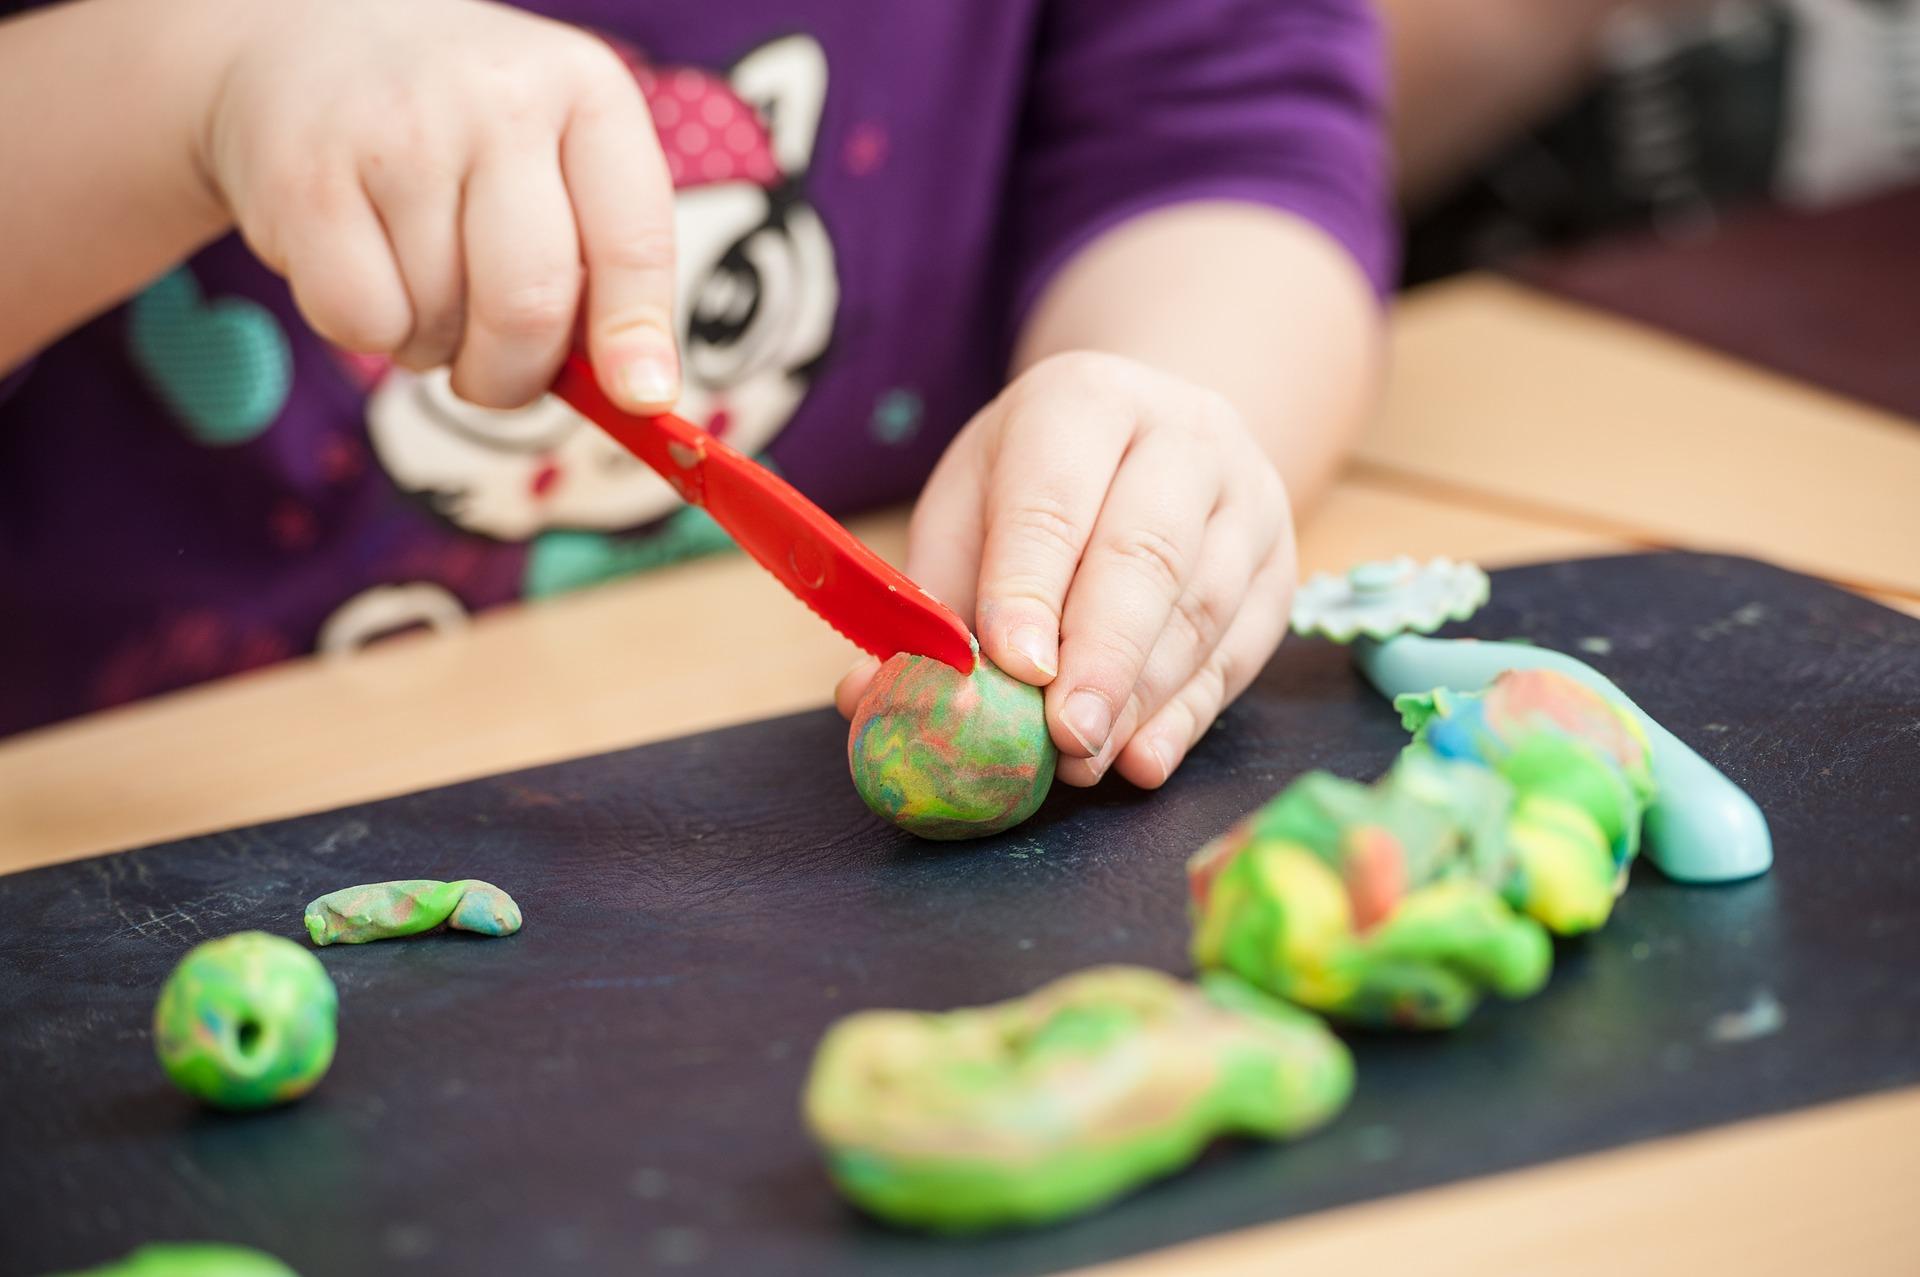 Mãos de criança brincando com faca de plástico e massa de modelar. Imagem ilustrativa texto como fazer massinha.